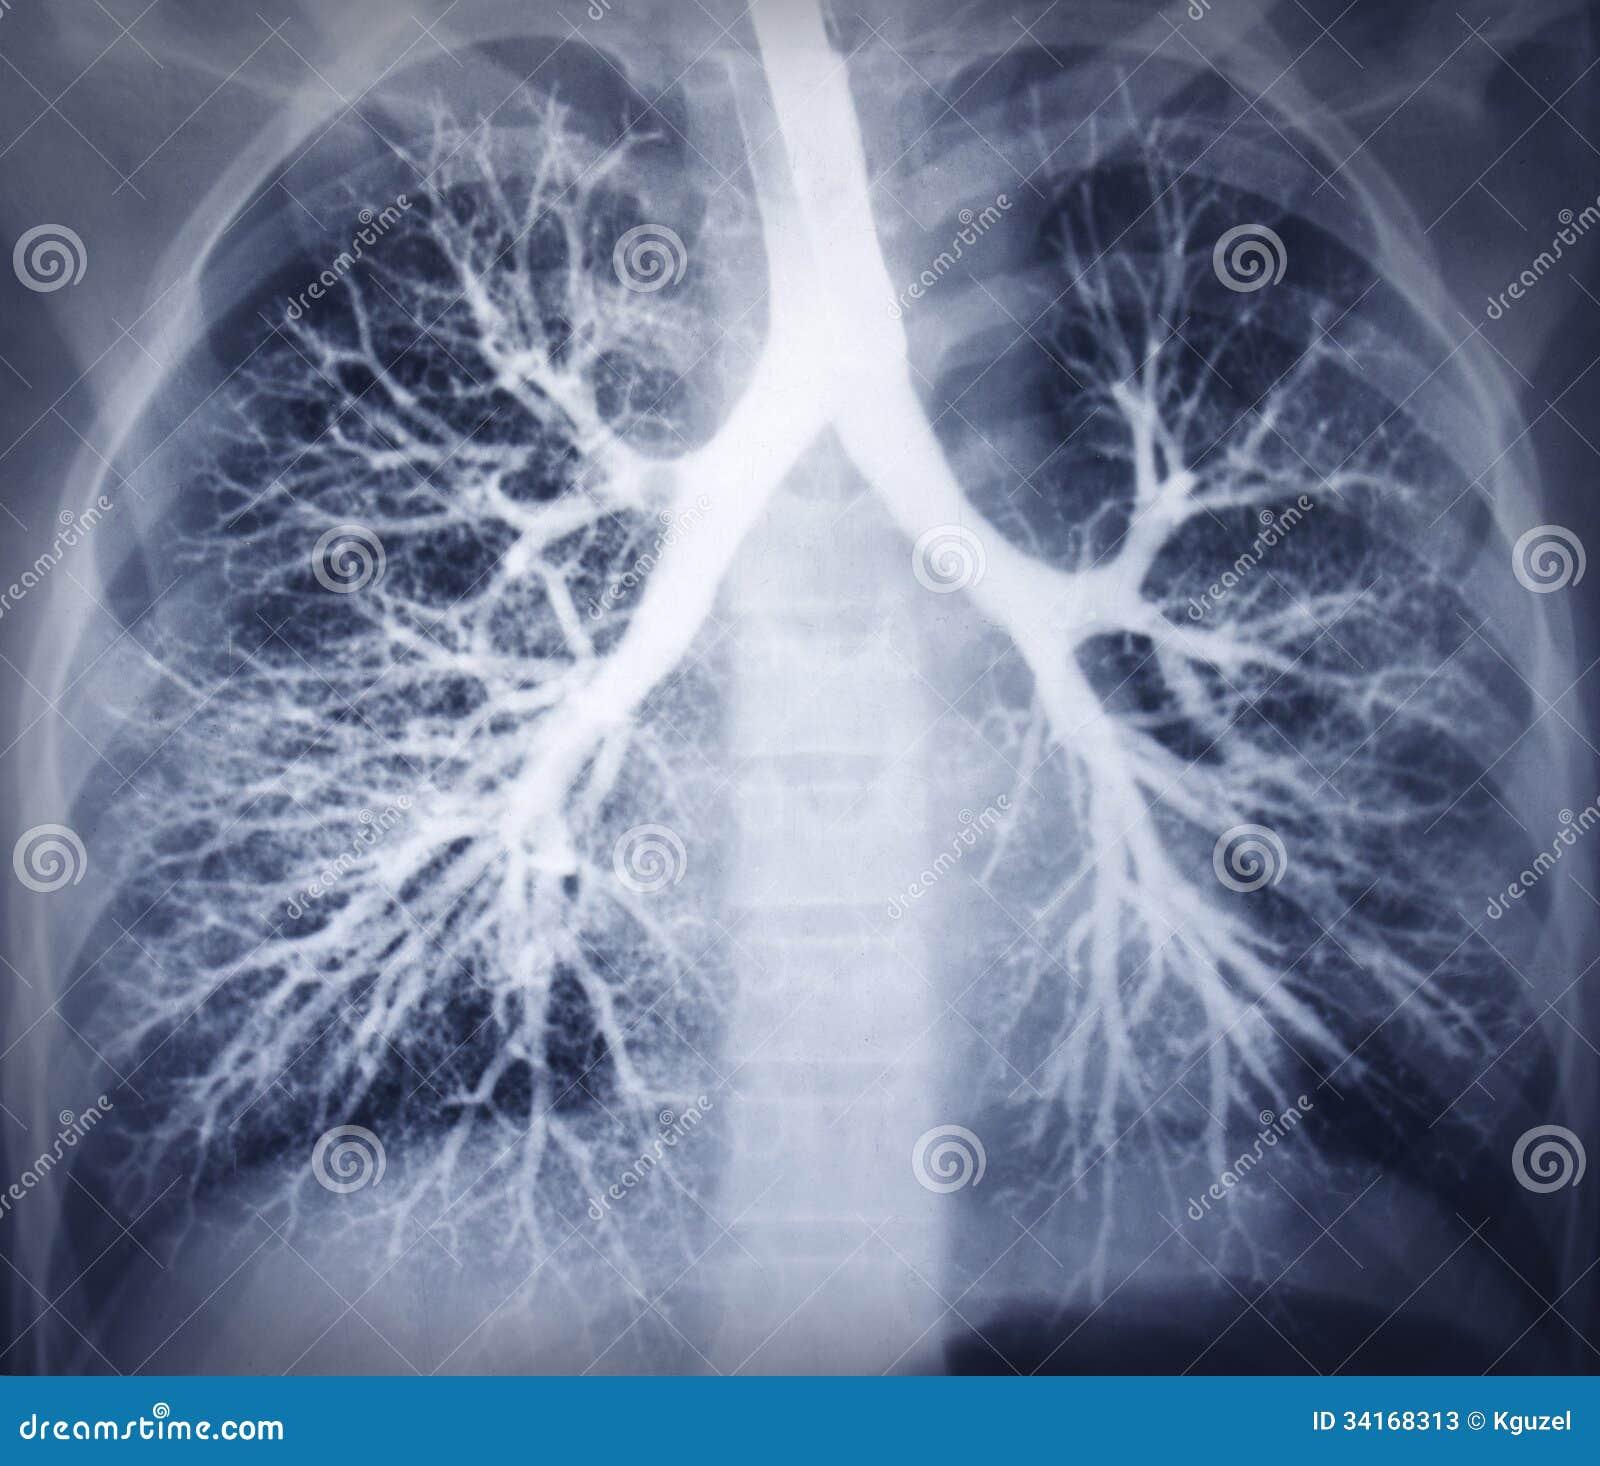 Εικόνα Bronchoscopy. Θωρακική ακτίνα X. Υγιείς πνεύμονες